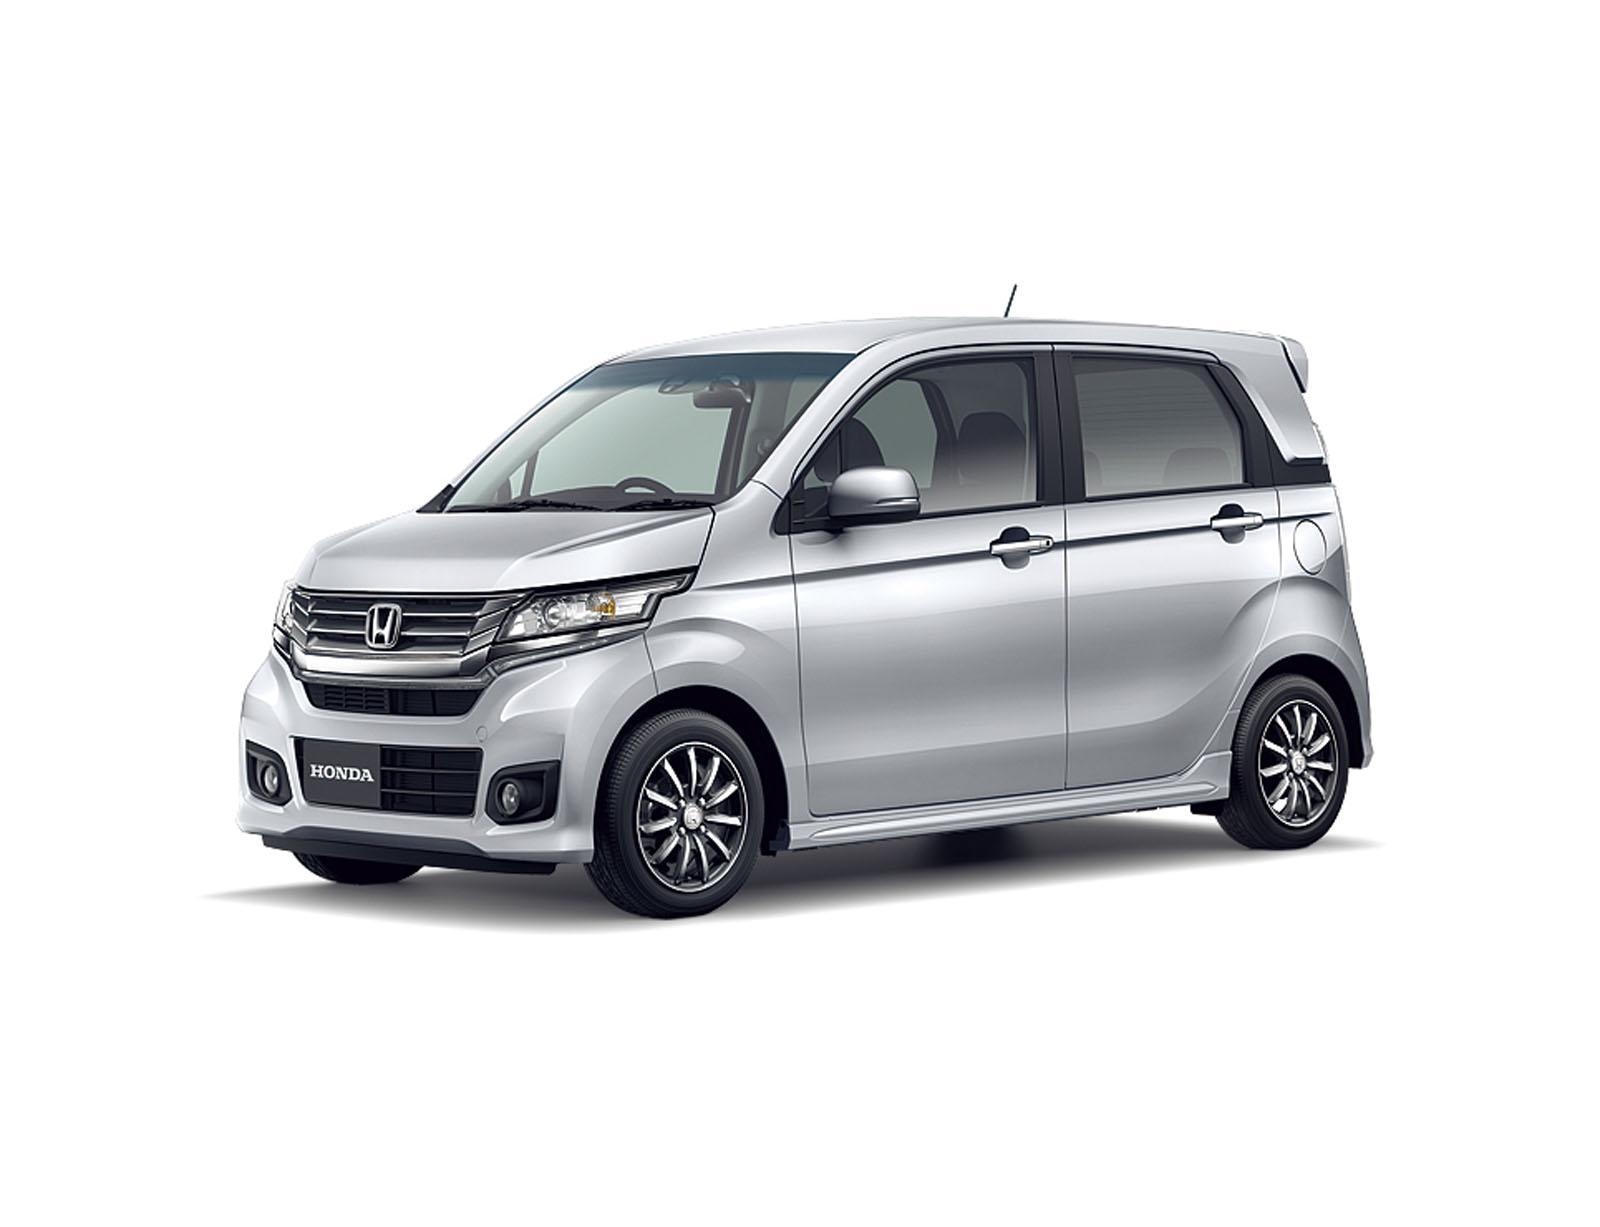 Honda N-WGN, Honda N-WGN Custom confirmed for Tokyo 2013